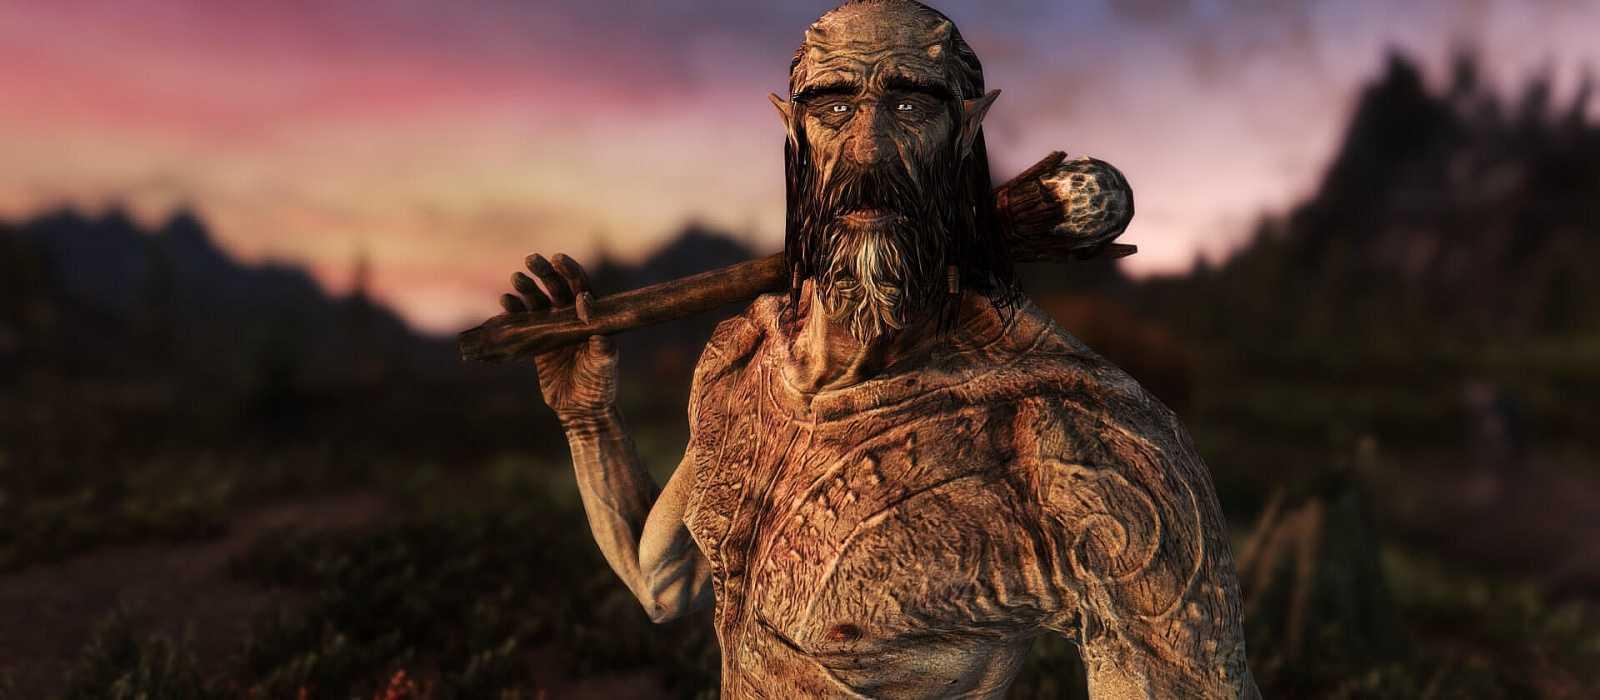 Ein Fan hat die Texturen von Kreaturen in der Skyrim Special Edition mithilfe von KI verbessert